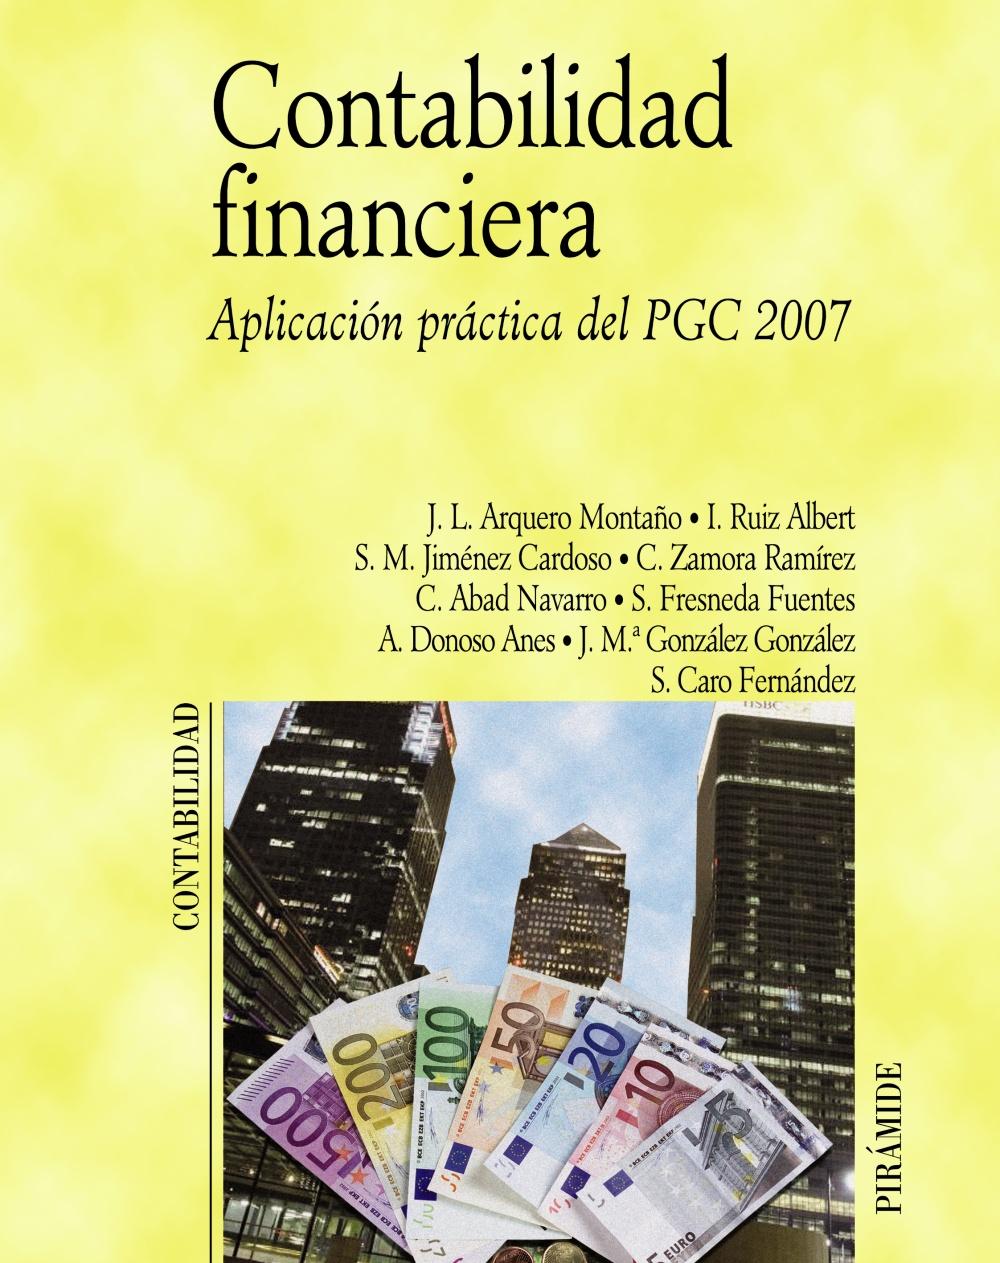 contabilidad financiera: aplicacion practica del pgc 2007-jose luis arquero montaño-9788436822595